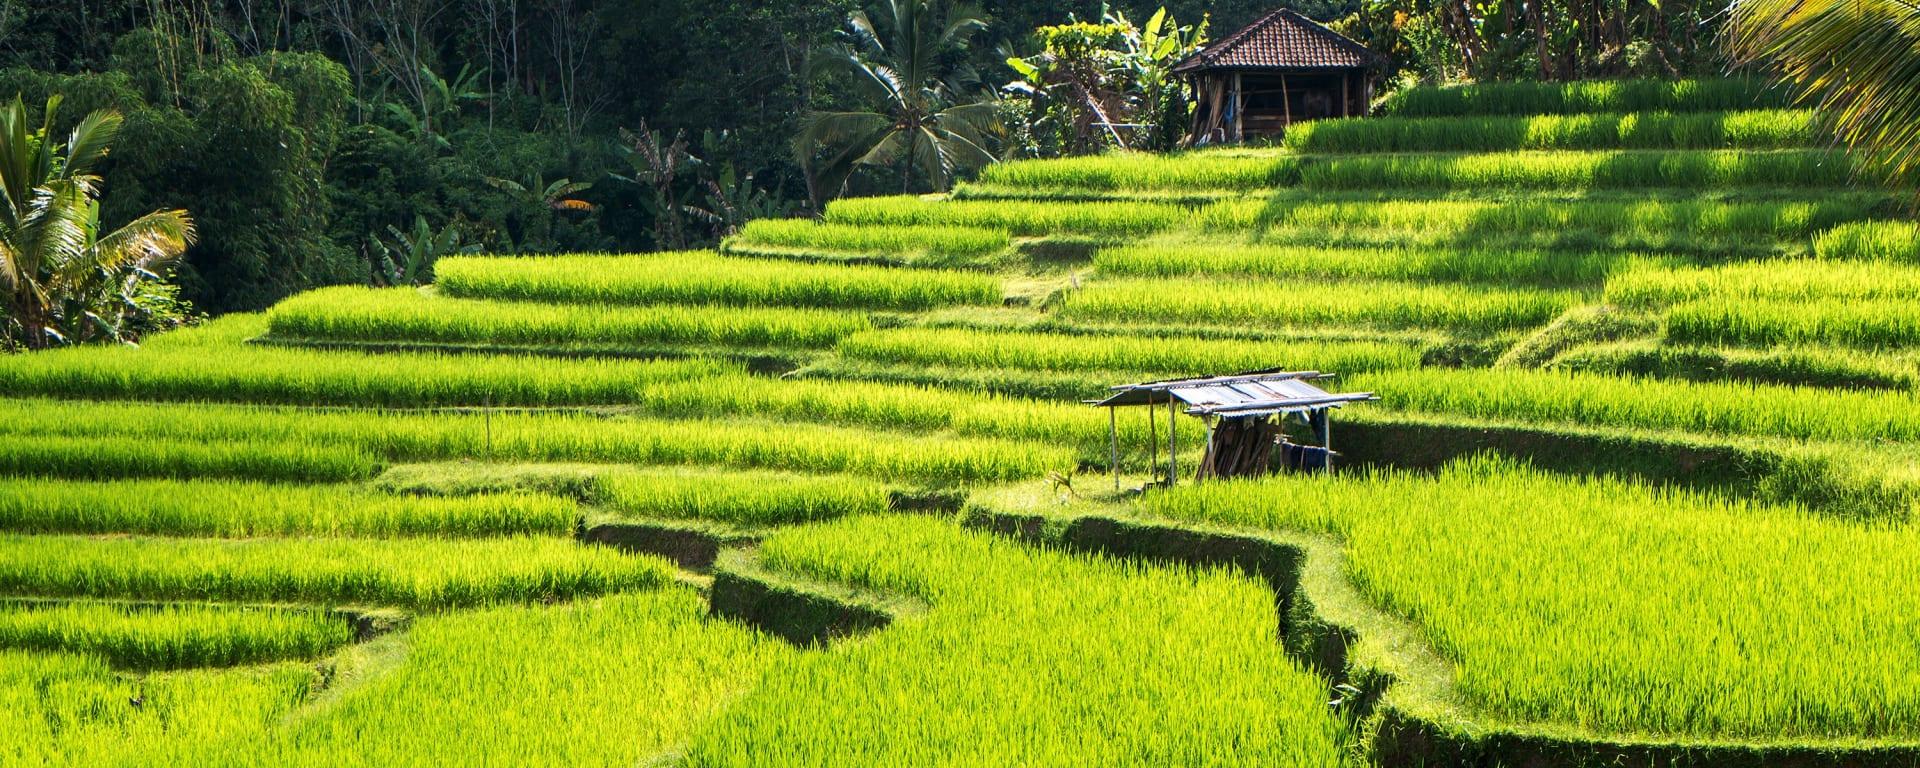 Indonesien entdecken mit Tischler Reisen: Indonesien Bali Reisterrassen